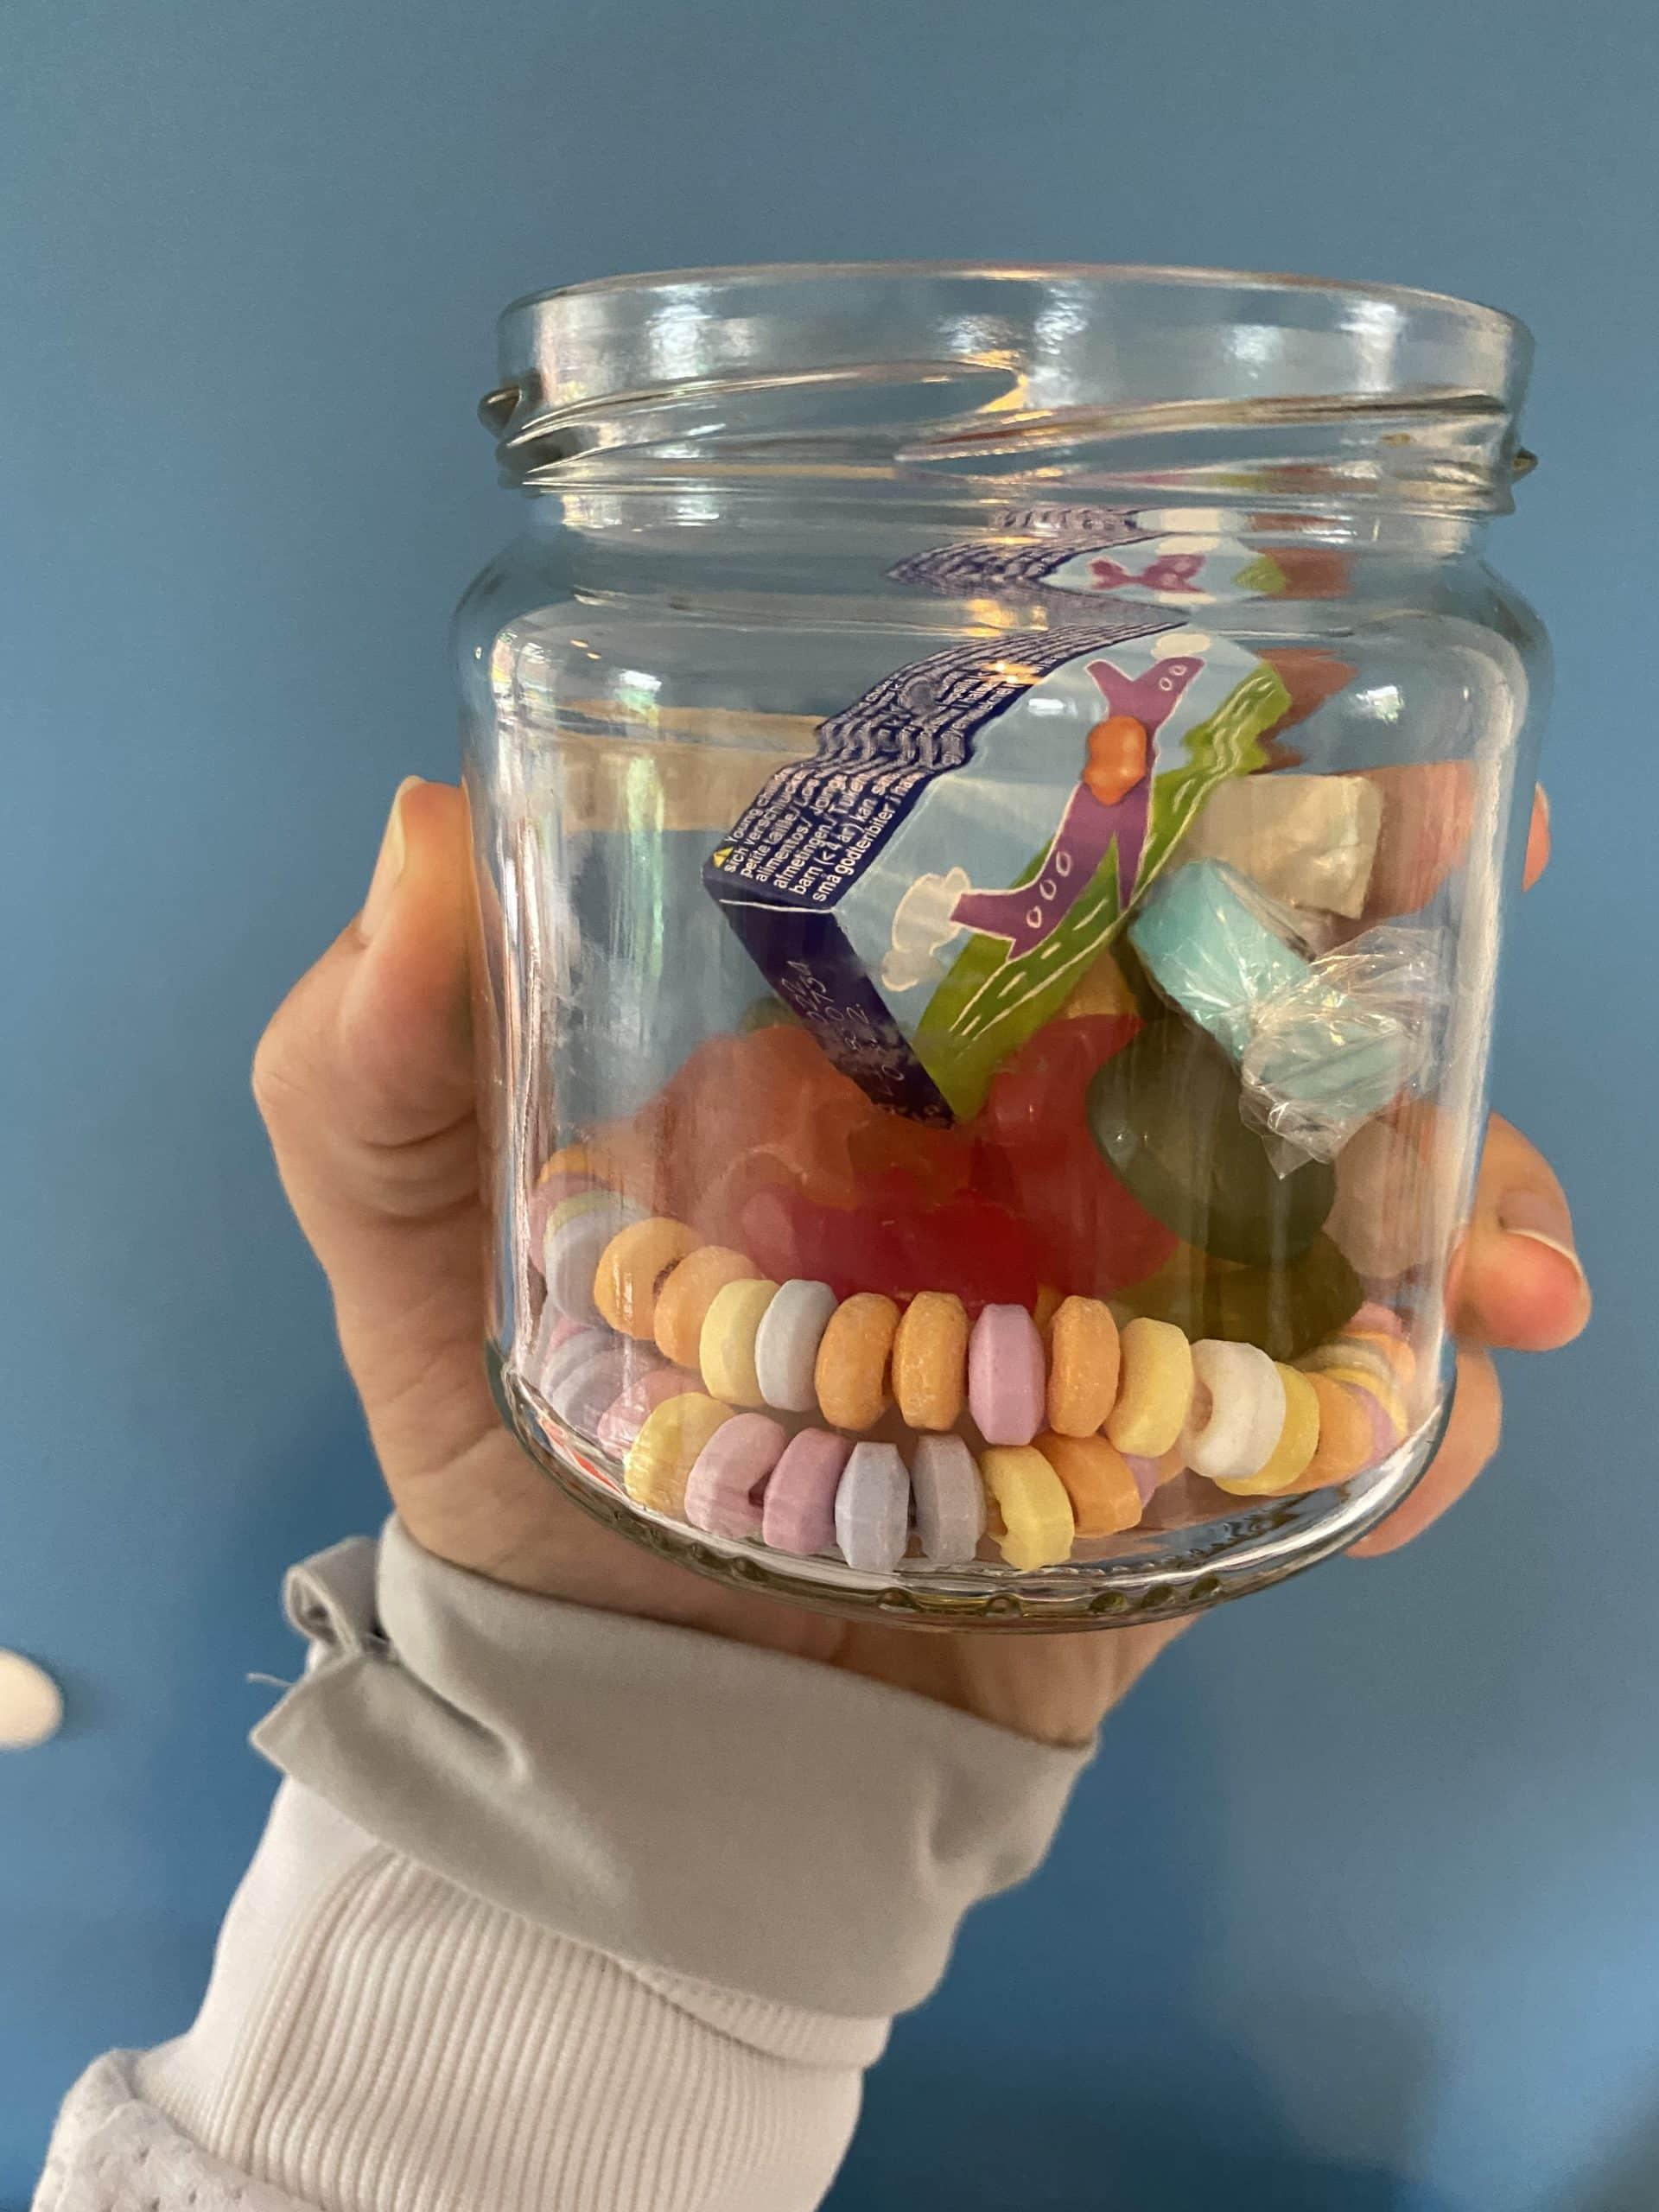 Die Kinder erhalten alle ein Glas mit Süßigkeiten zum Ende der Party.